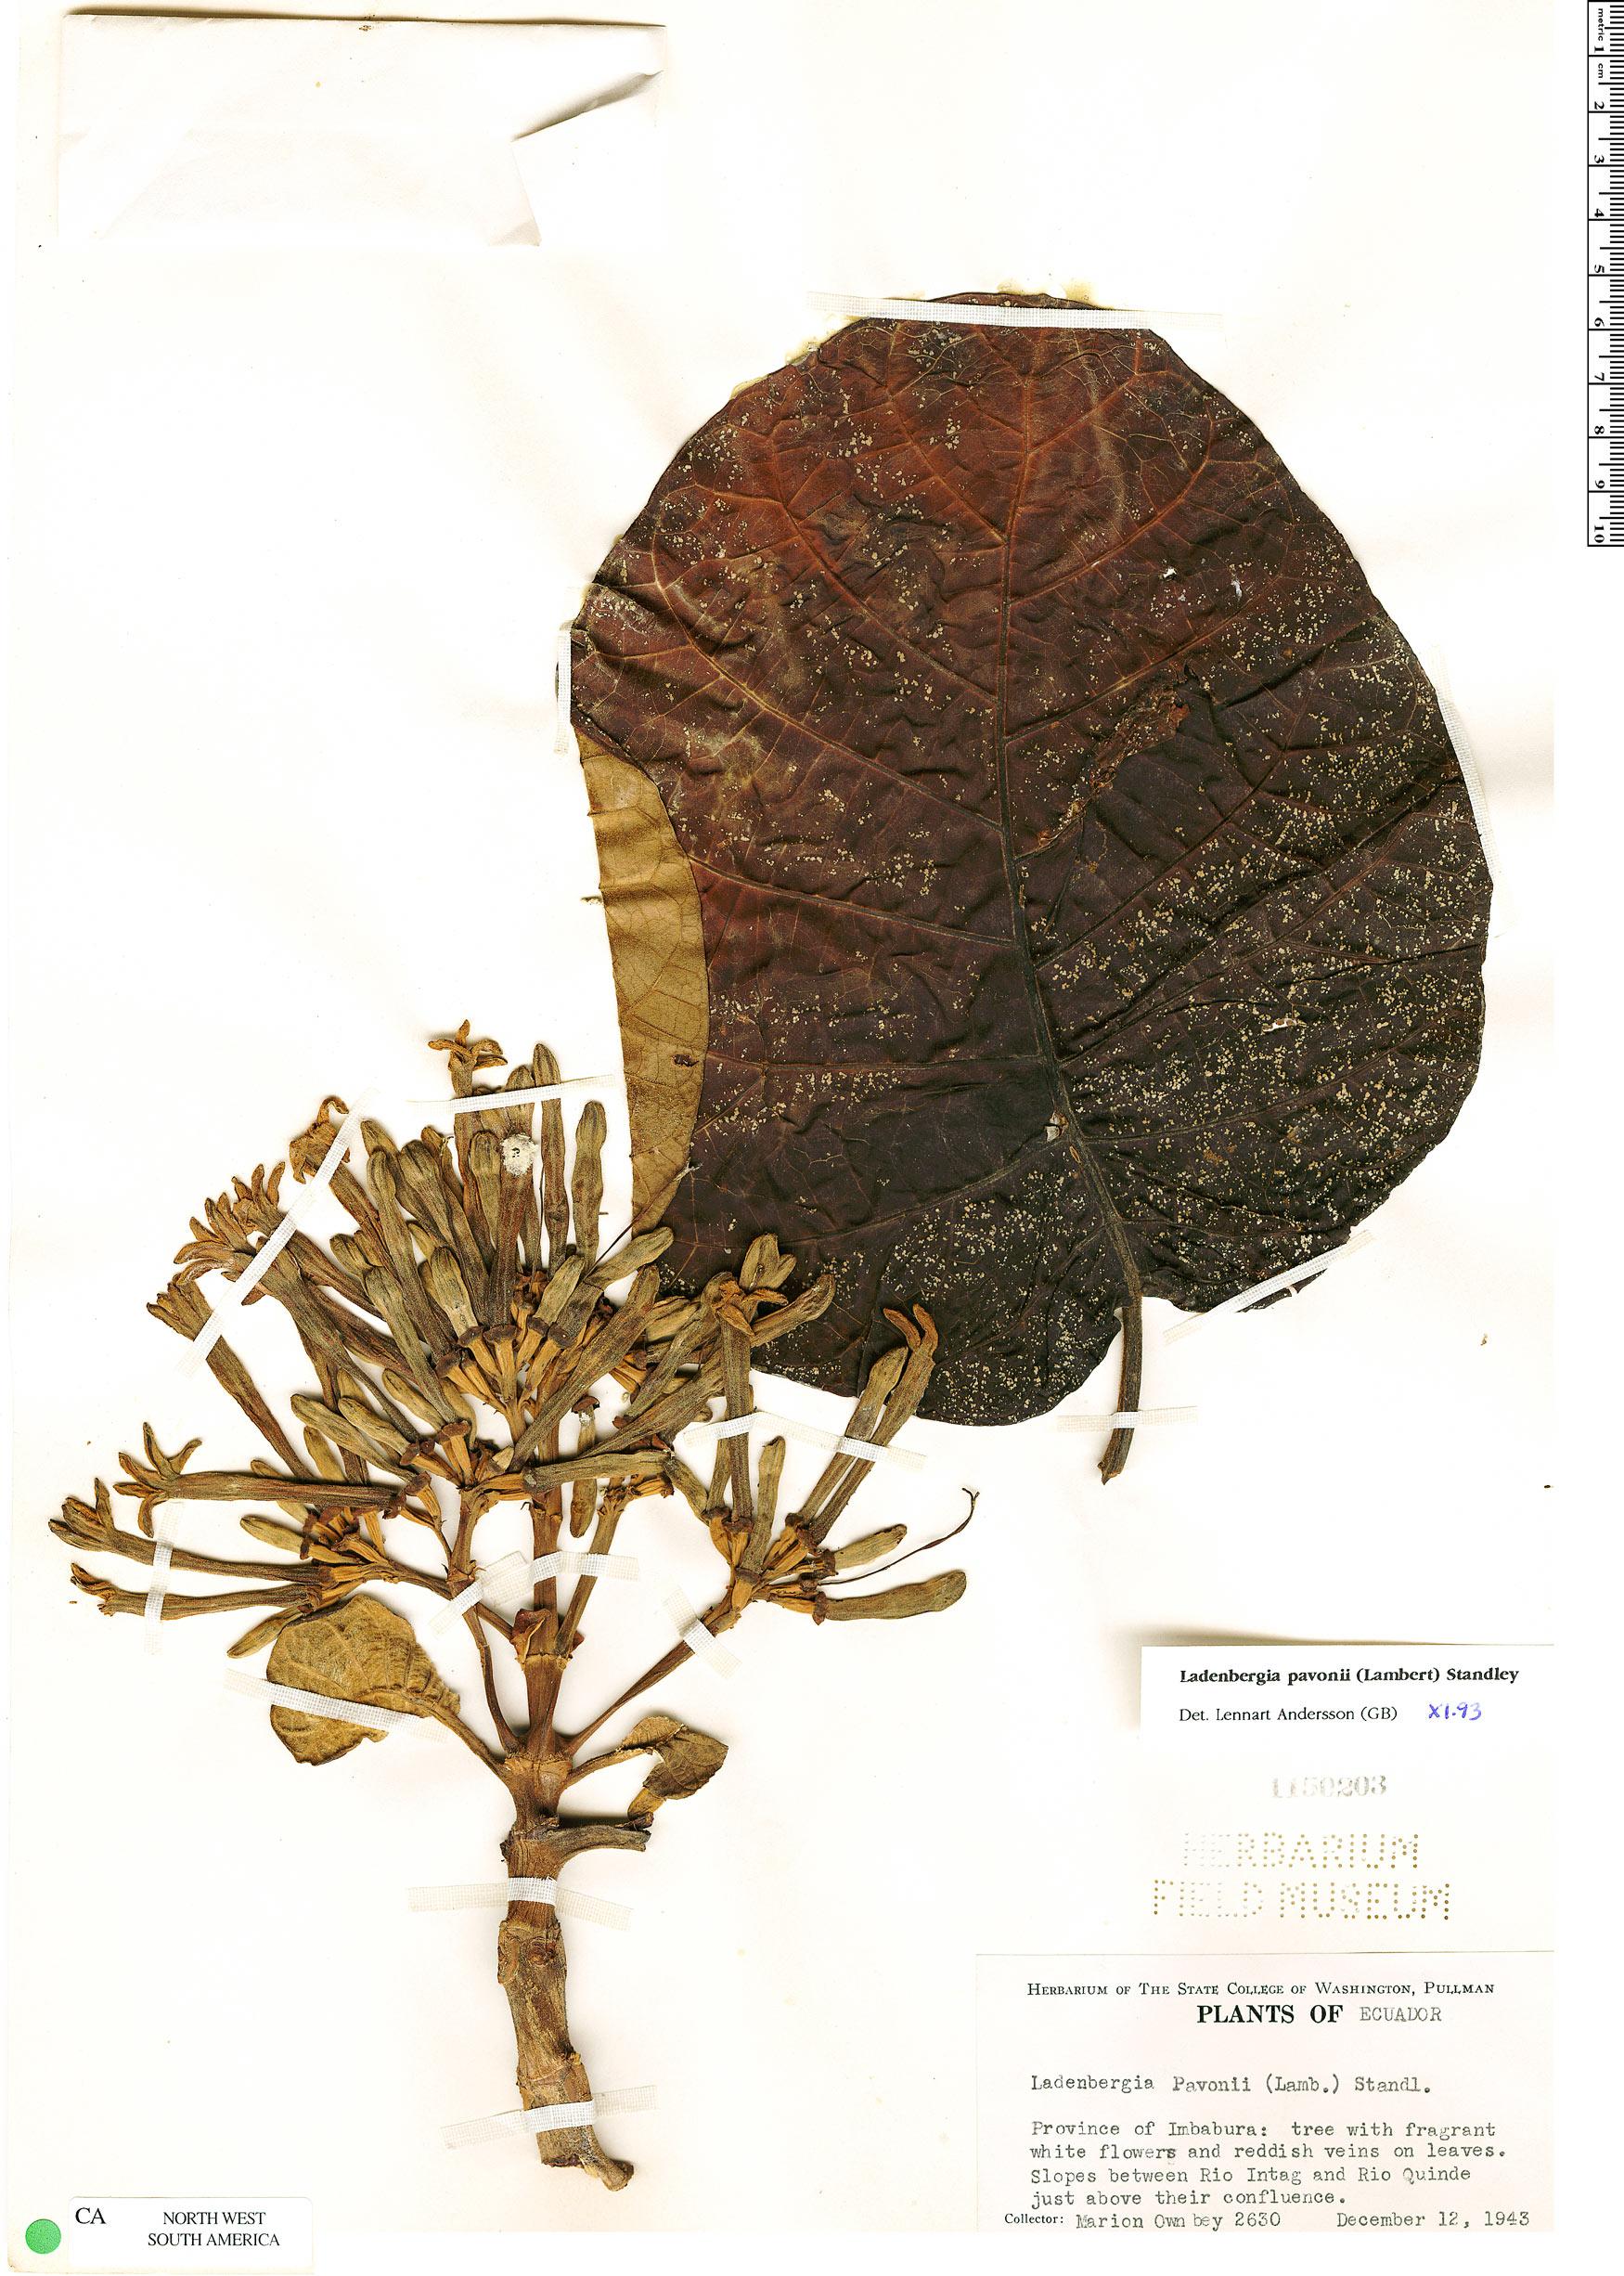 Specimen: Ladenbergia pavonii